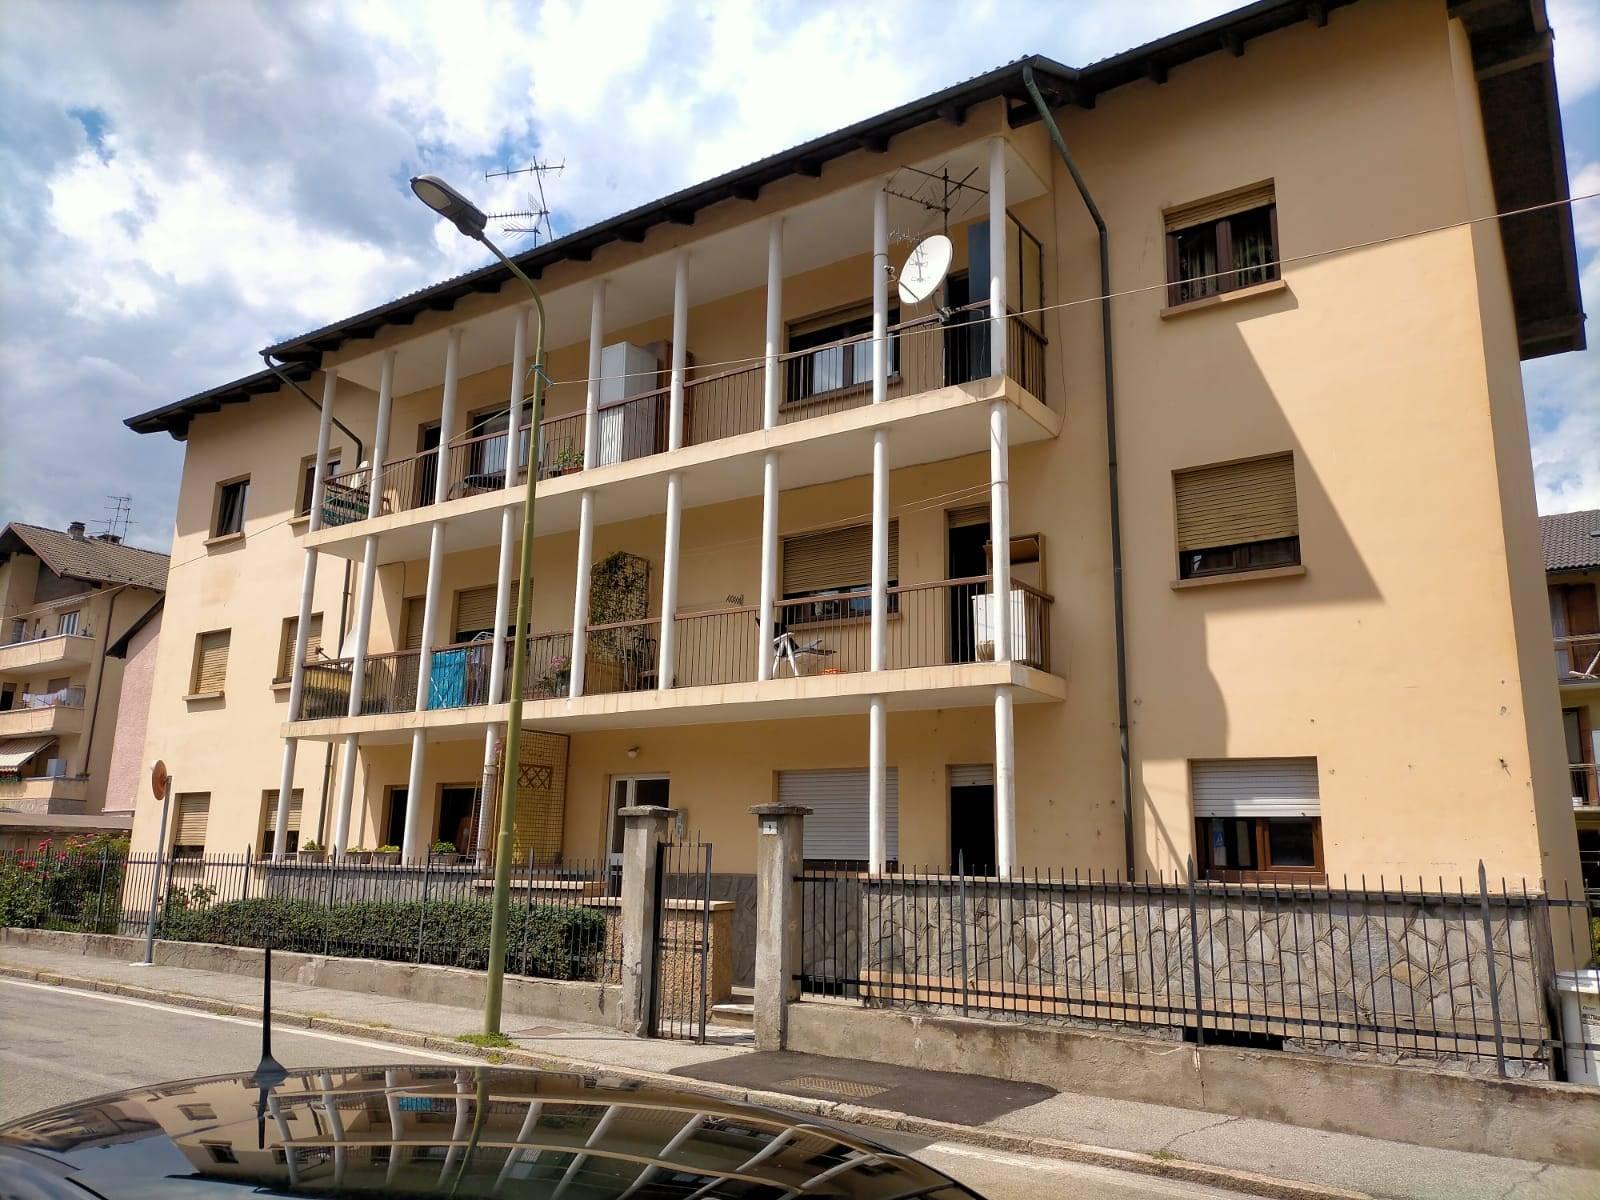 Appartamento in vendita a Aosta, 5 locali, zona Località: CENTRO CITTÀ, prezzo € 175.000 | CambioCasa.it